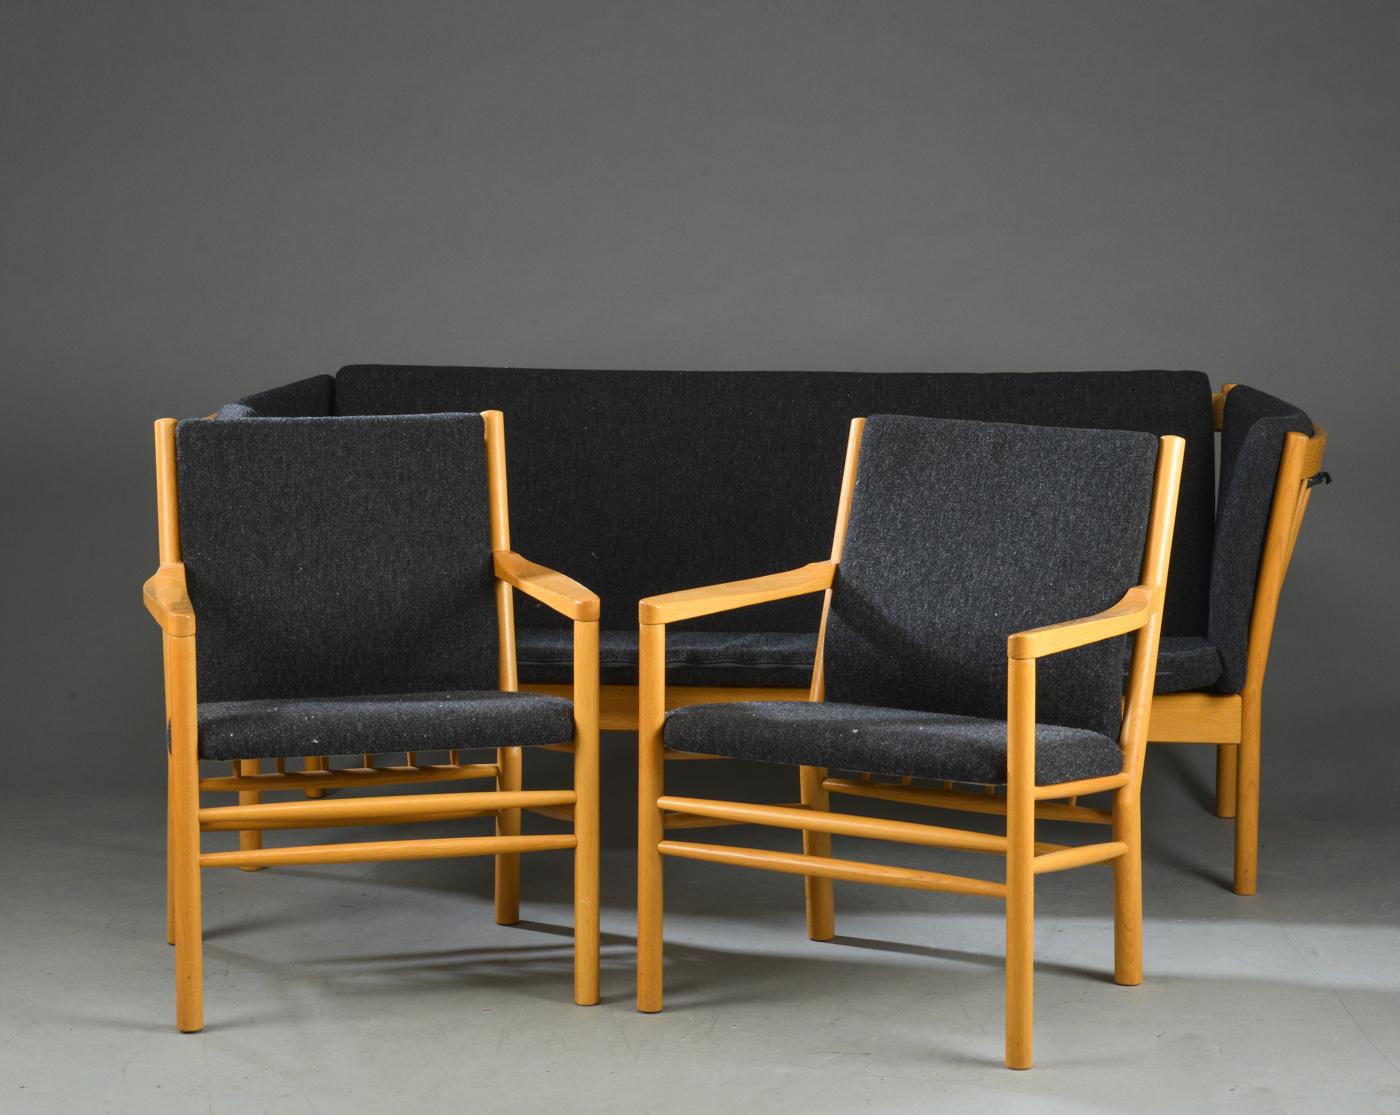 Tremmesofa samt par lænestole med stel i massiv eg - Tremmesofa samt to lænestole med stel i massiv eg, løse hynder betrukket med mørkegrå uld. Sofa H. 79. B. 190 cm. Stole B. 62 cm. Fremstår med brugsspor, ridser og mærker